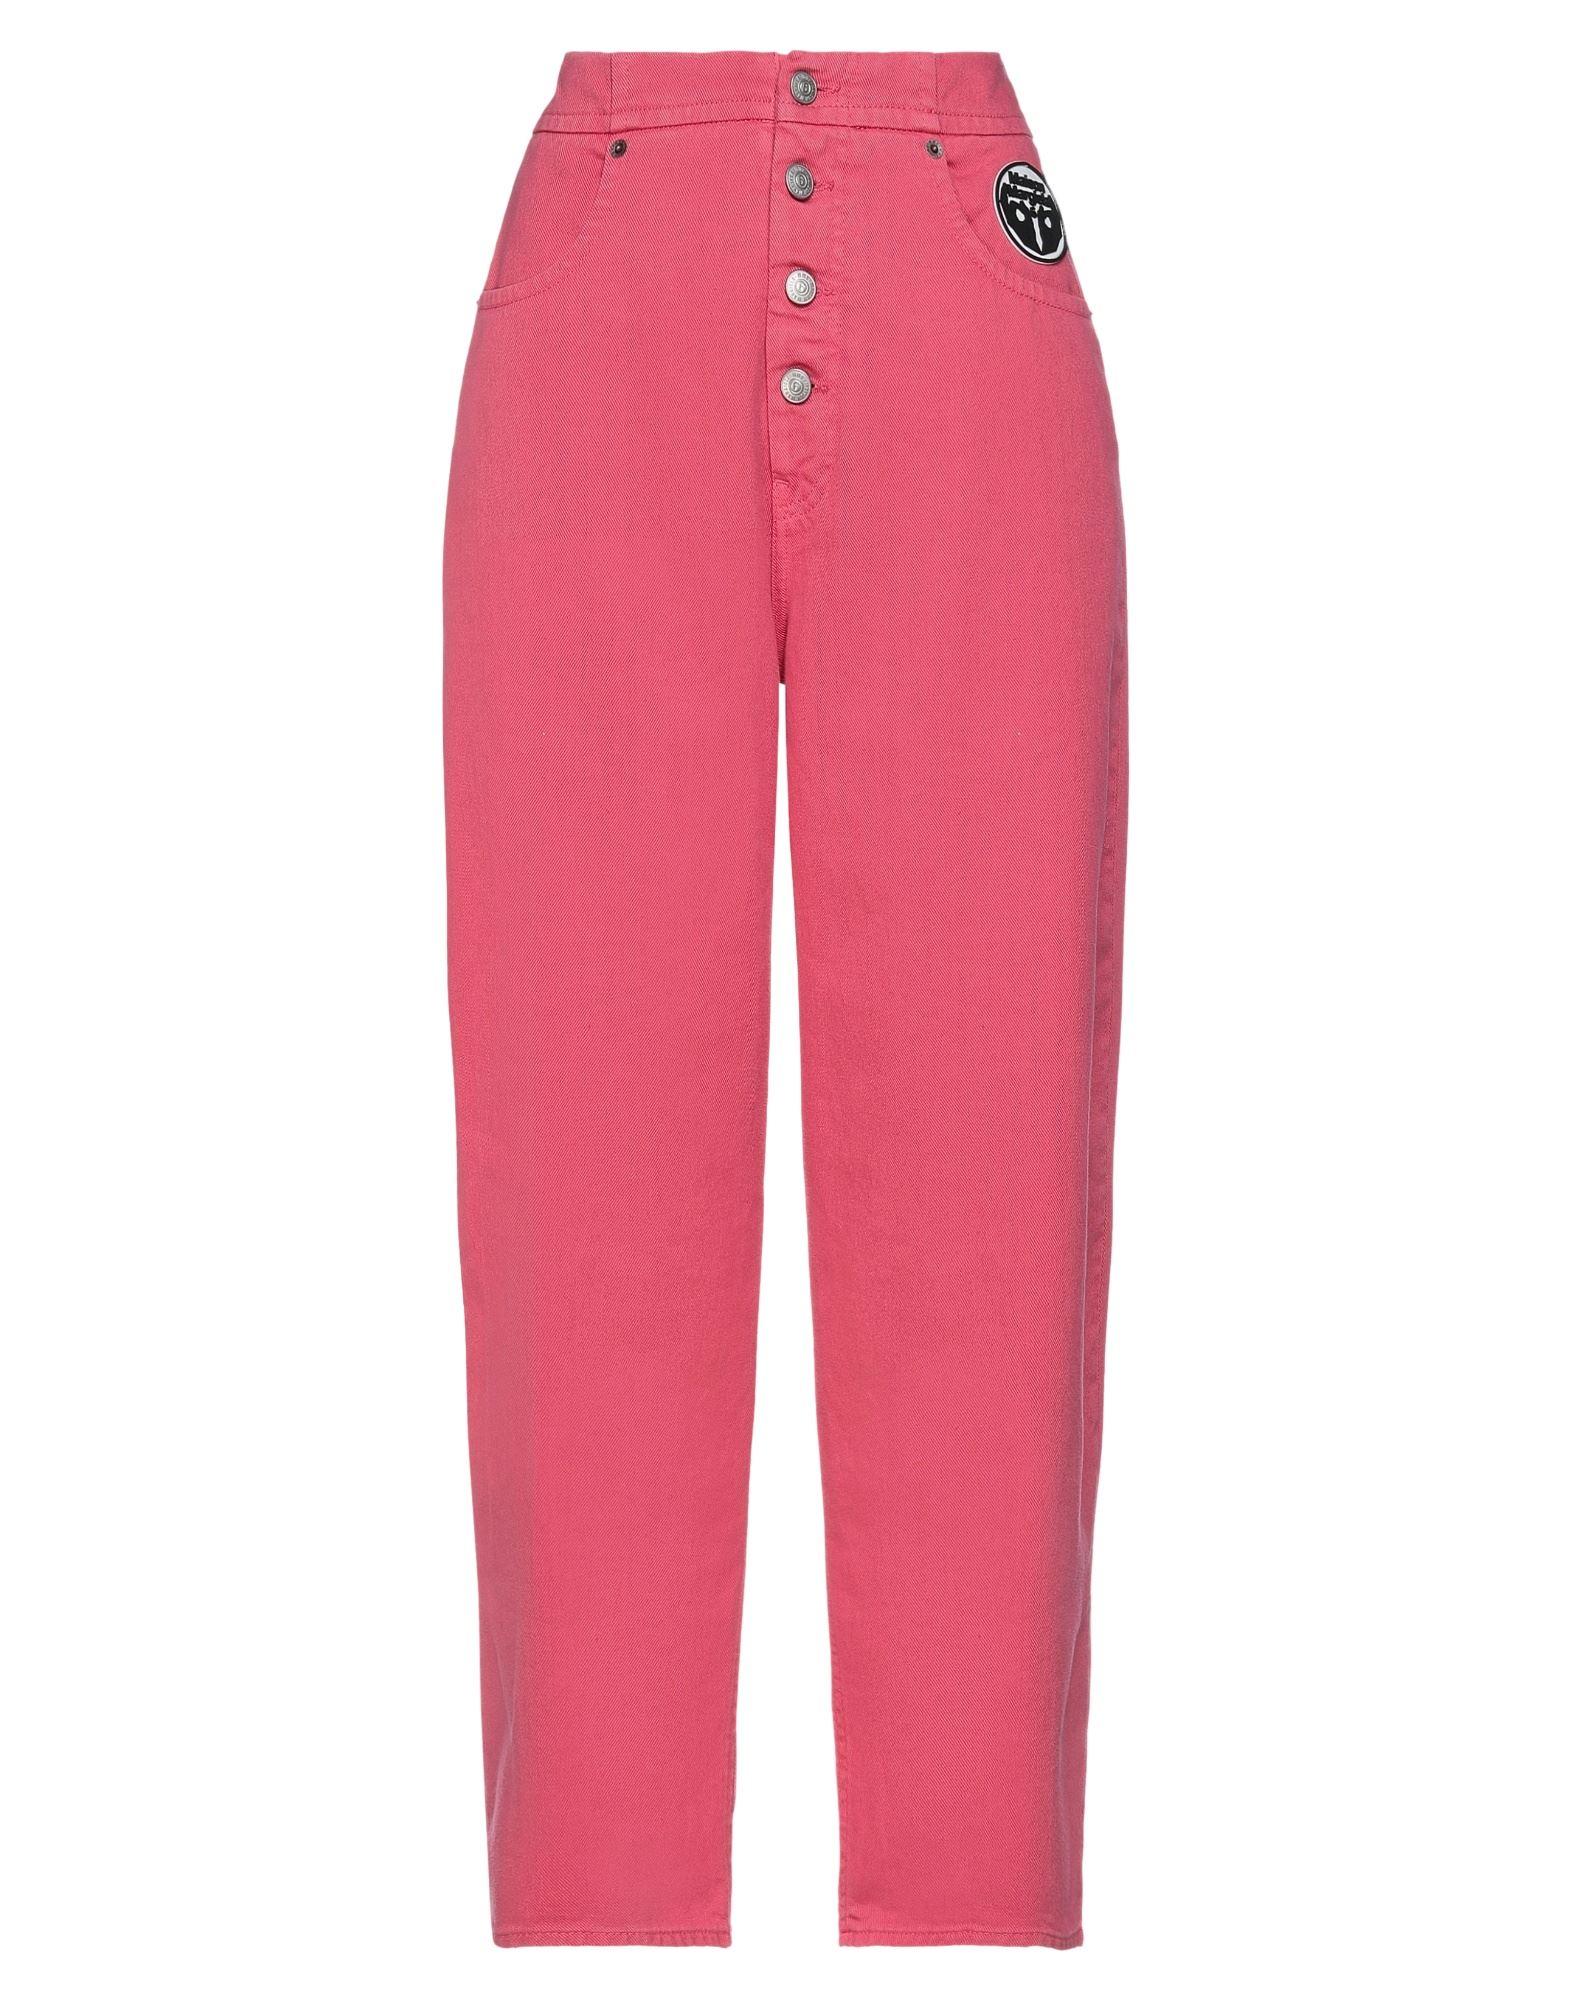 MM6 MAISON MARGIELA Джинсовые брюки mm6 maison margiela джинсовые шорты